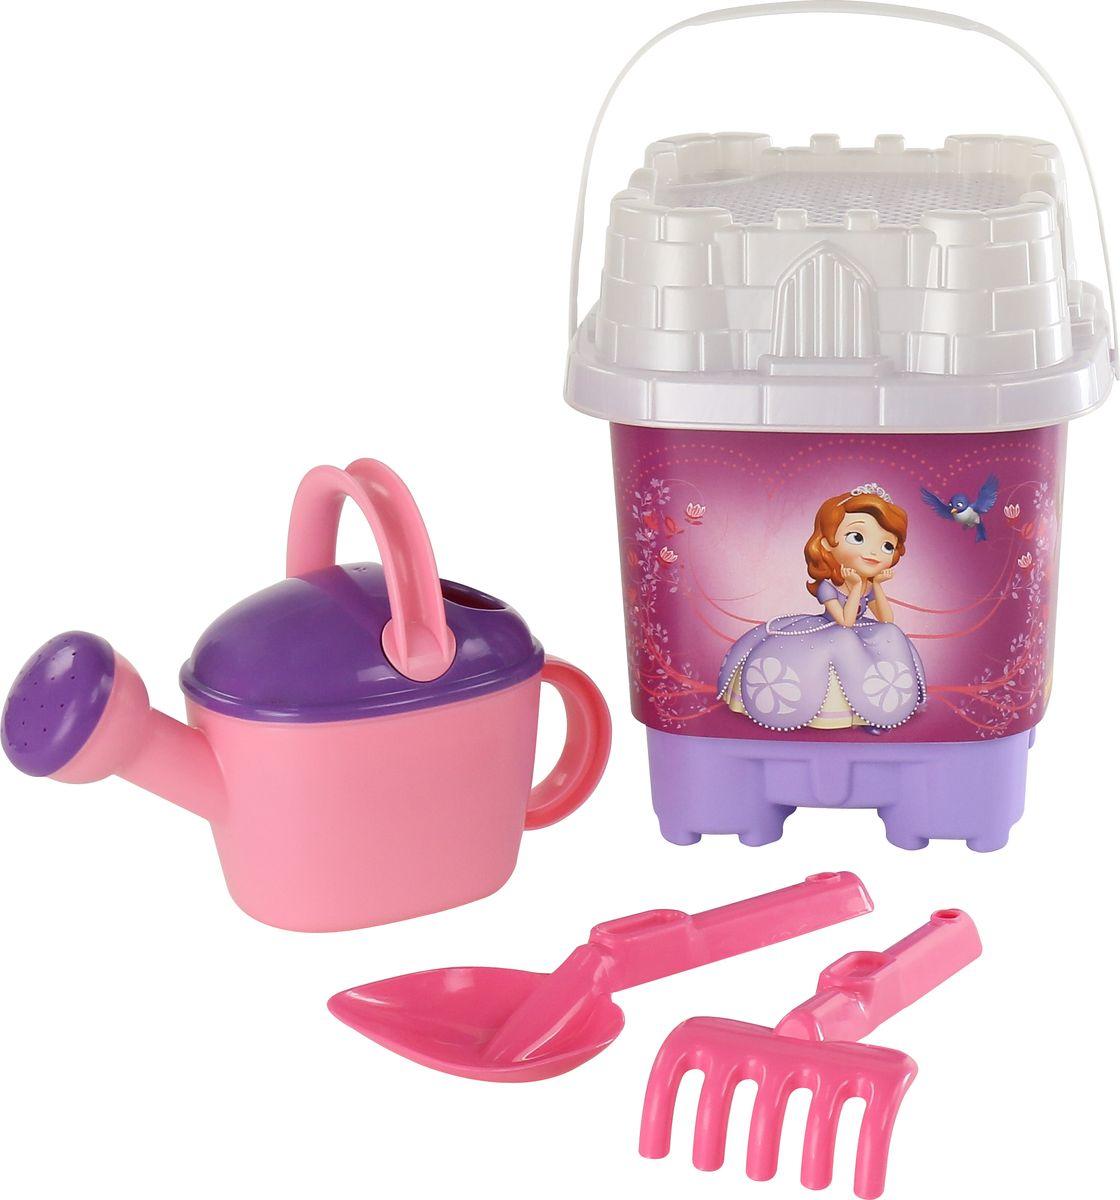 Disney Набор игрушек для песочницы София Прекрасная №6 marvel набор игрушек для песочницы софия прекрасная 1